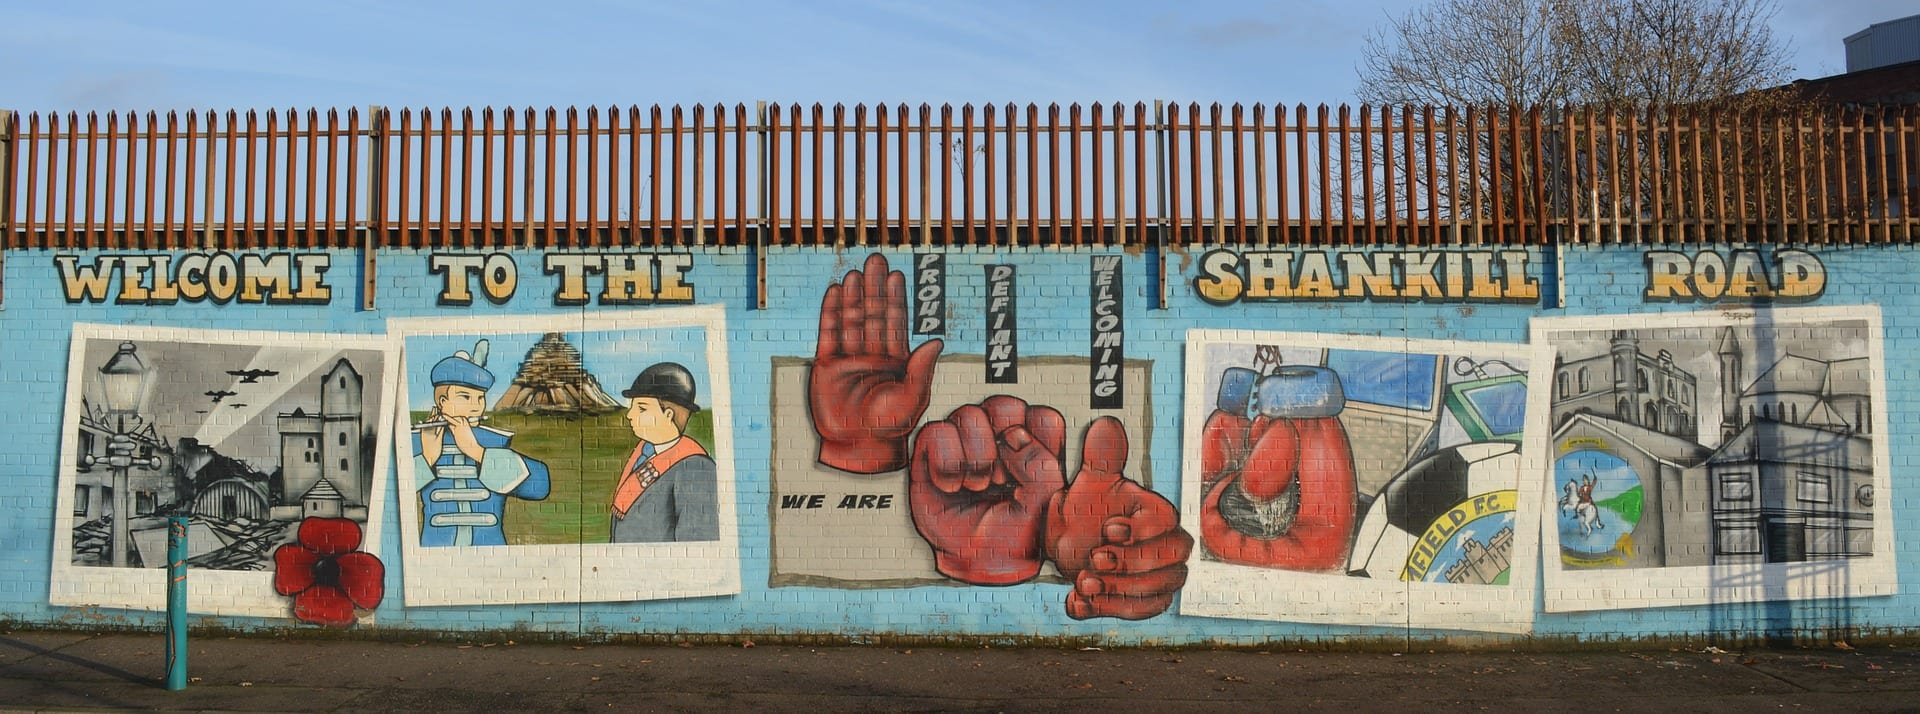 Affitto appartamento per vivere a Belfast